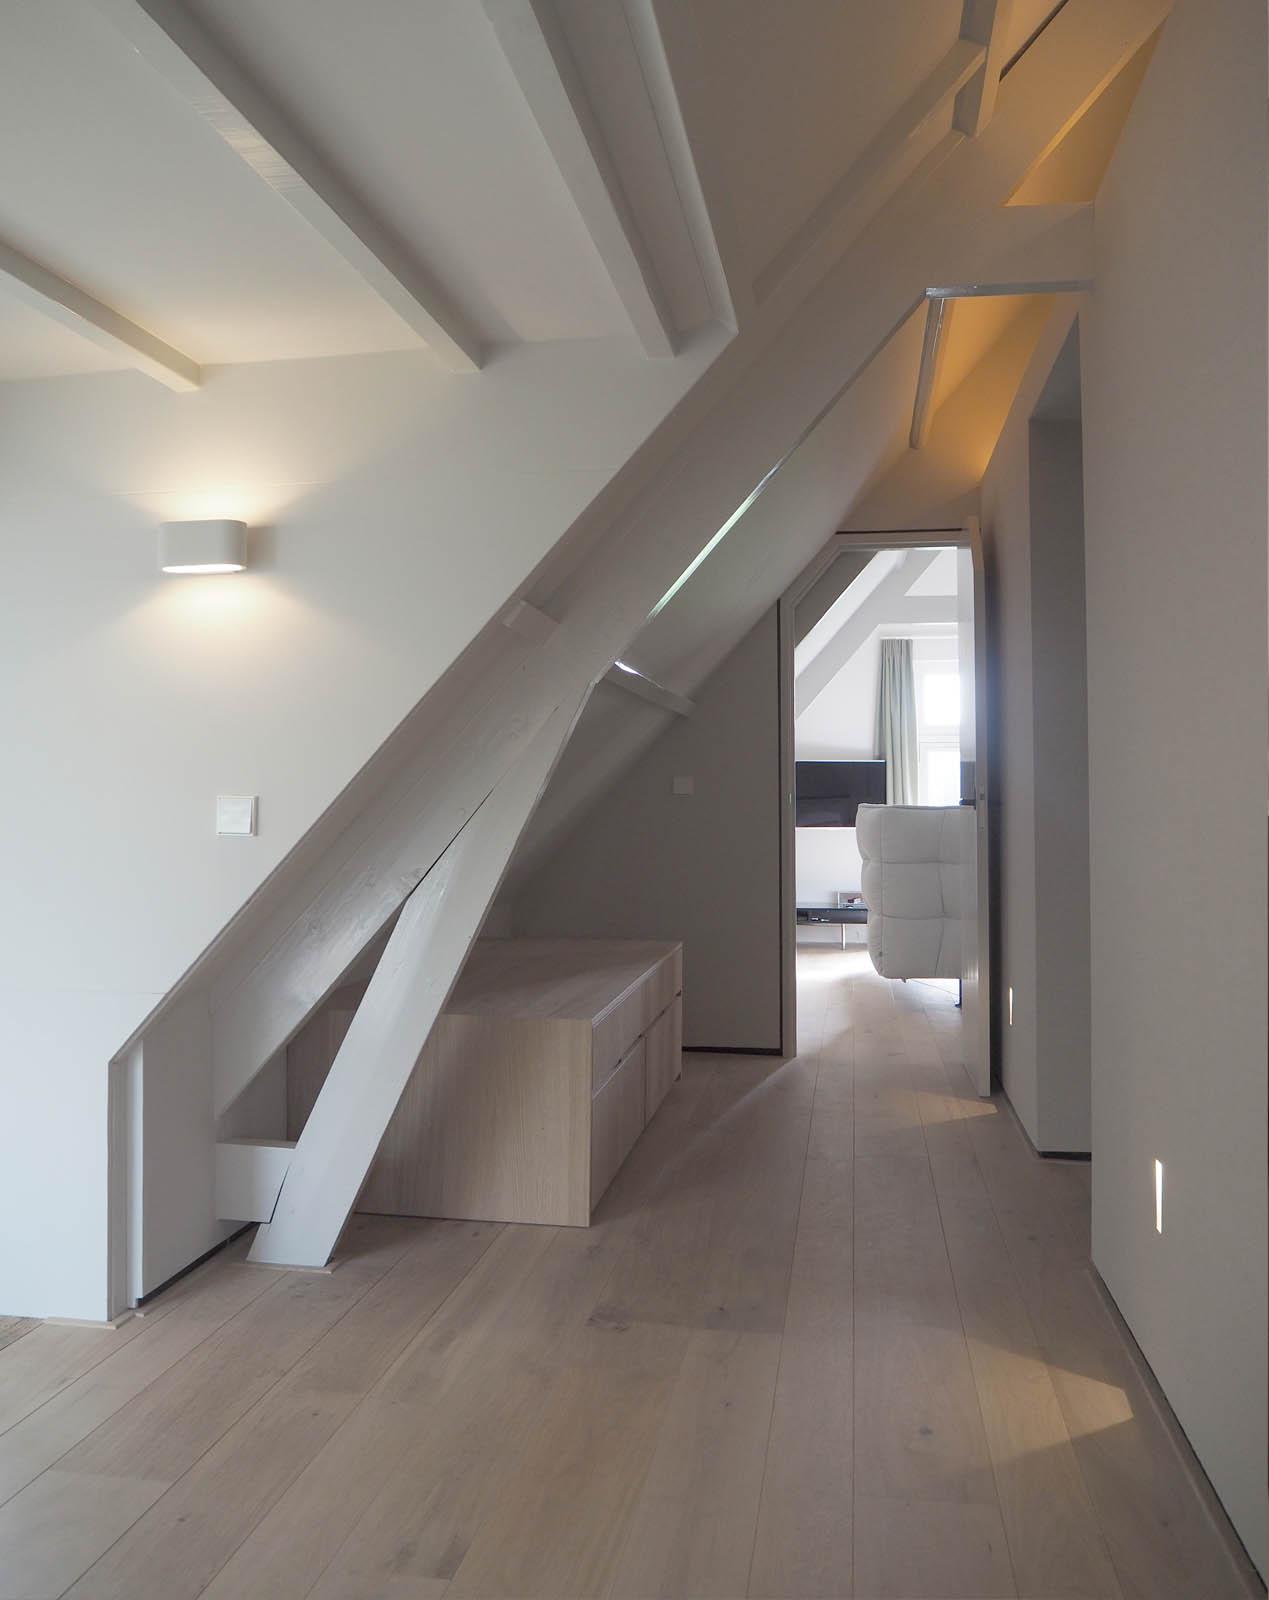 hallway_bedroom_view_tv_bed_design_jeroendenijs